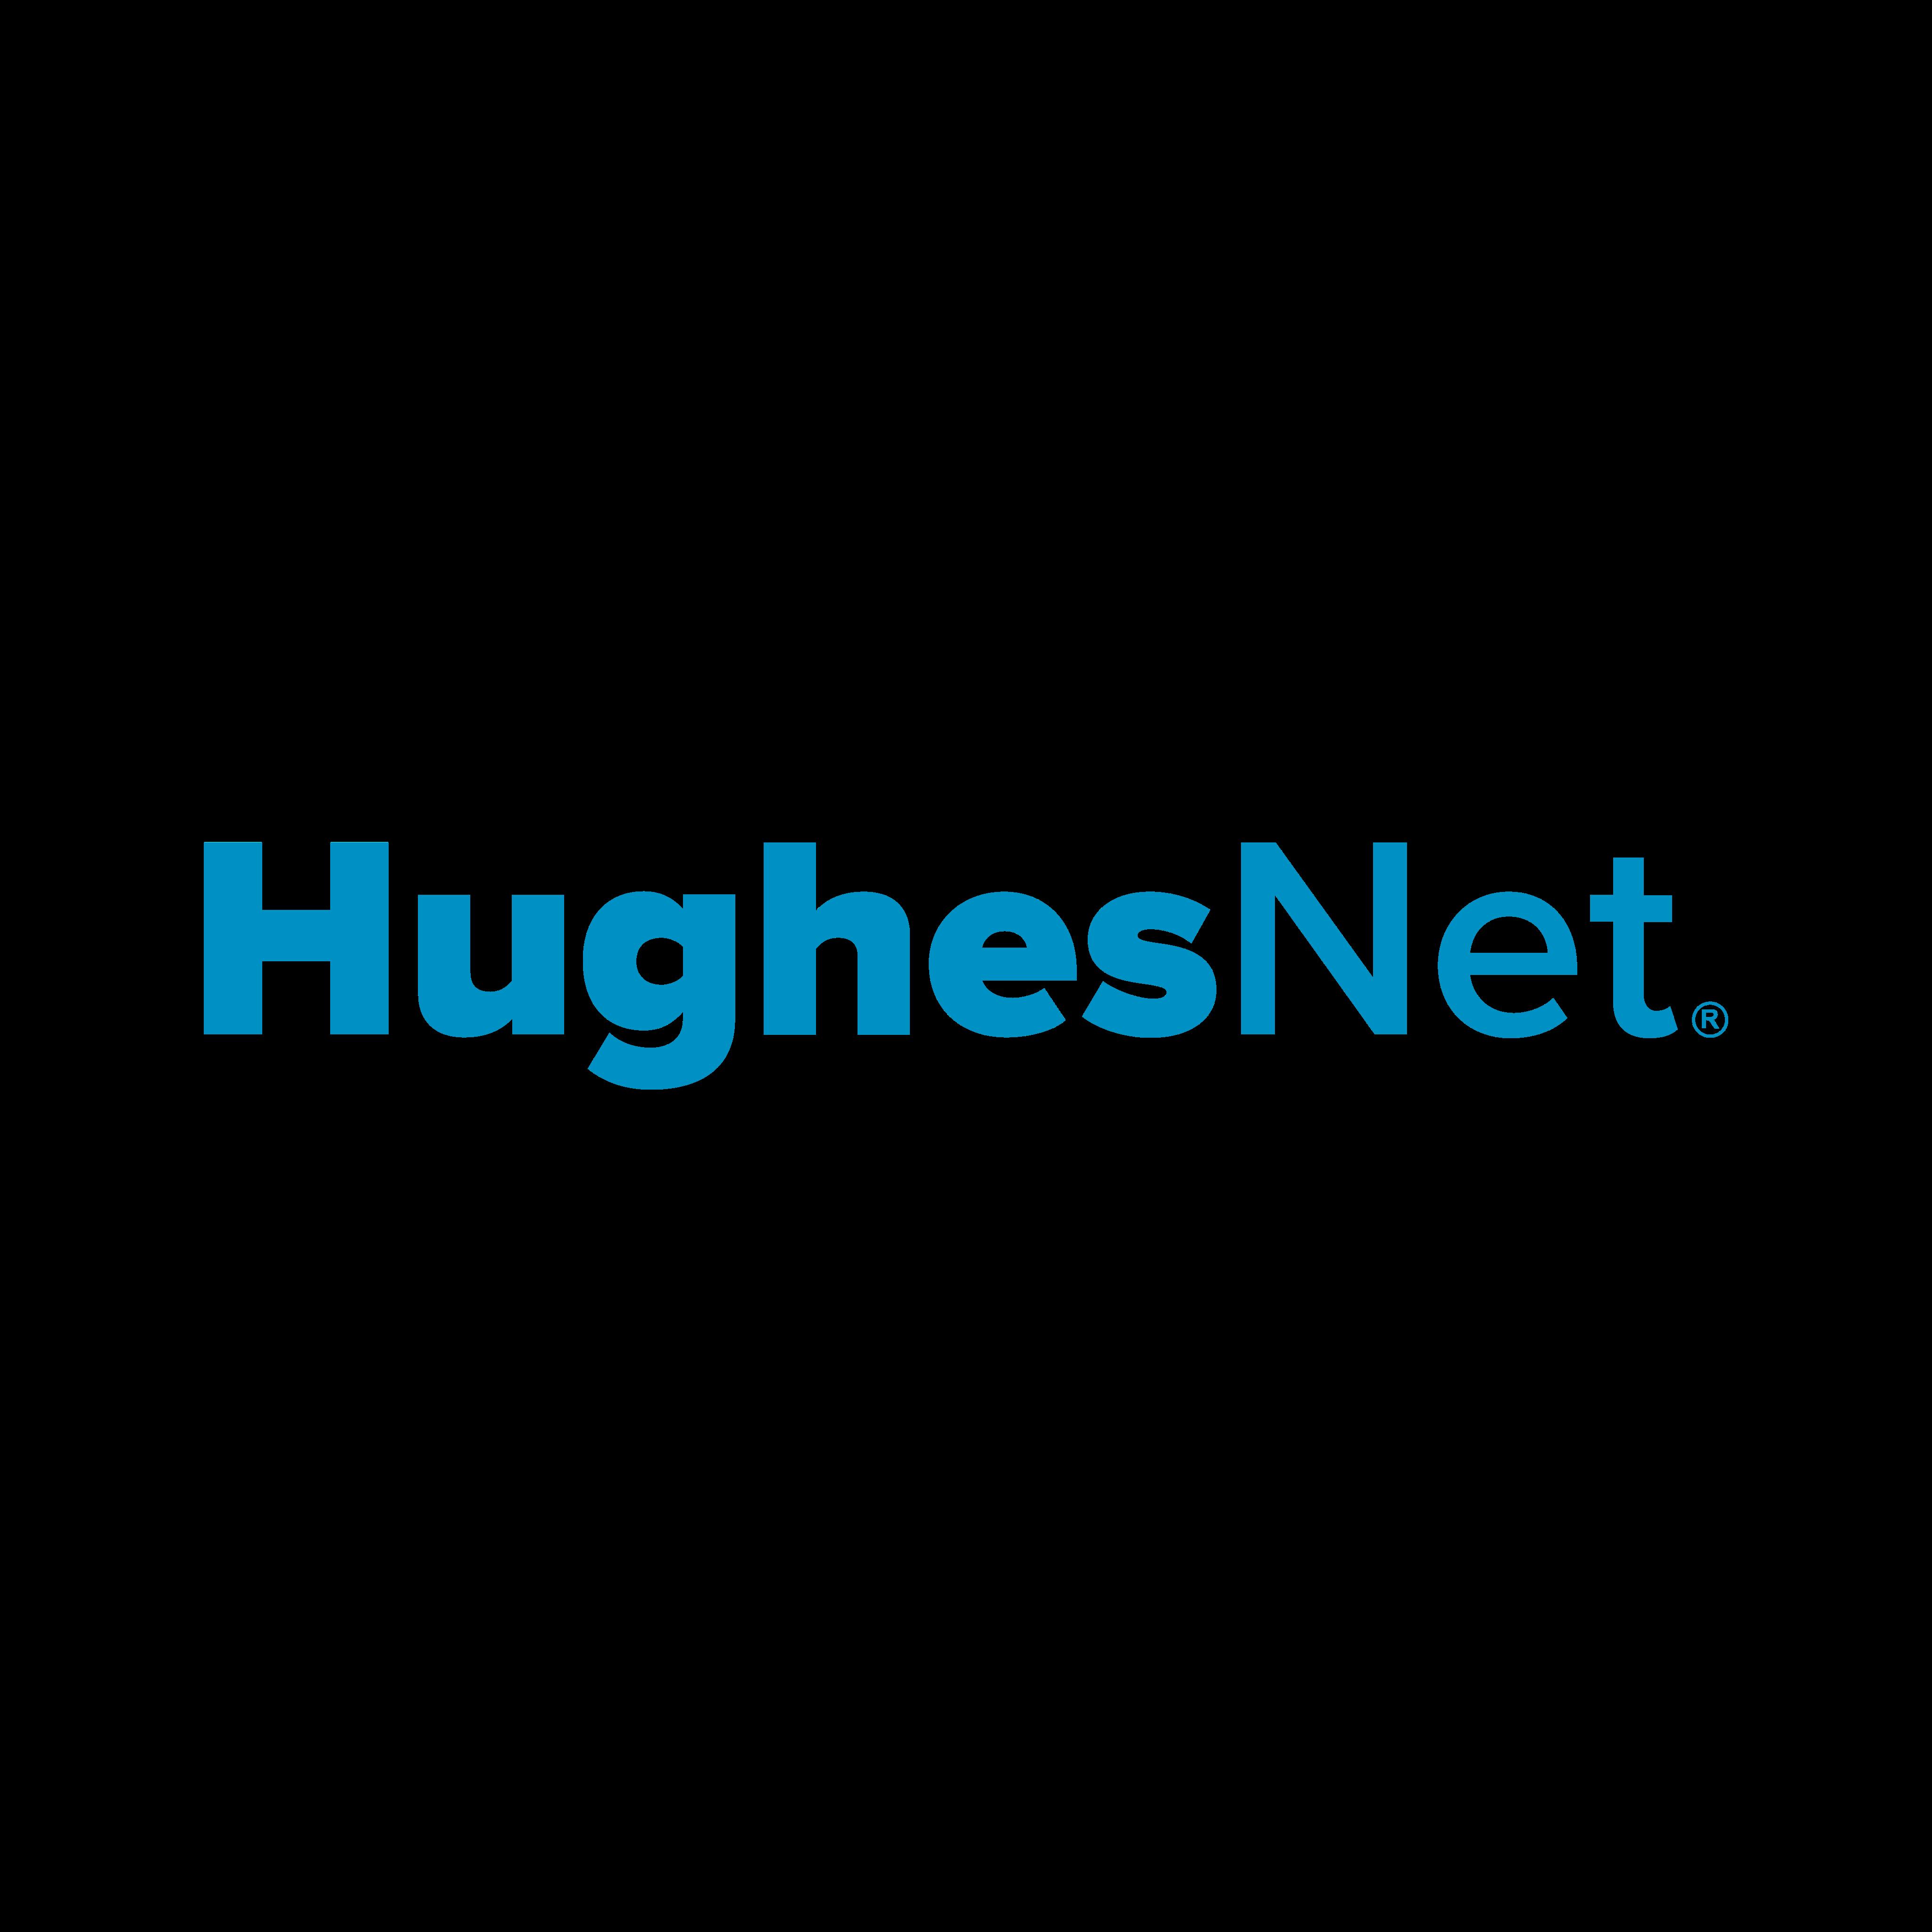 hughesnet logo 0 - HughesNet Logo